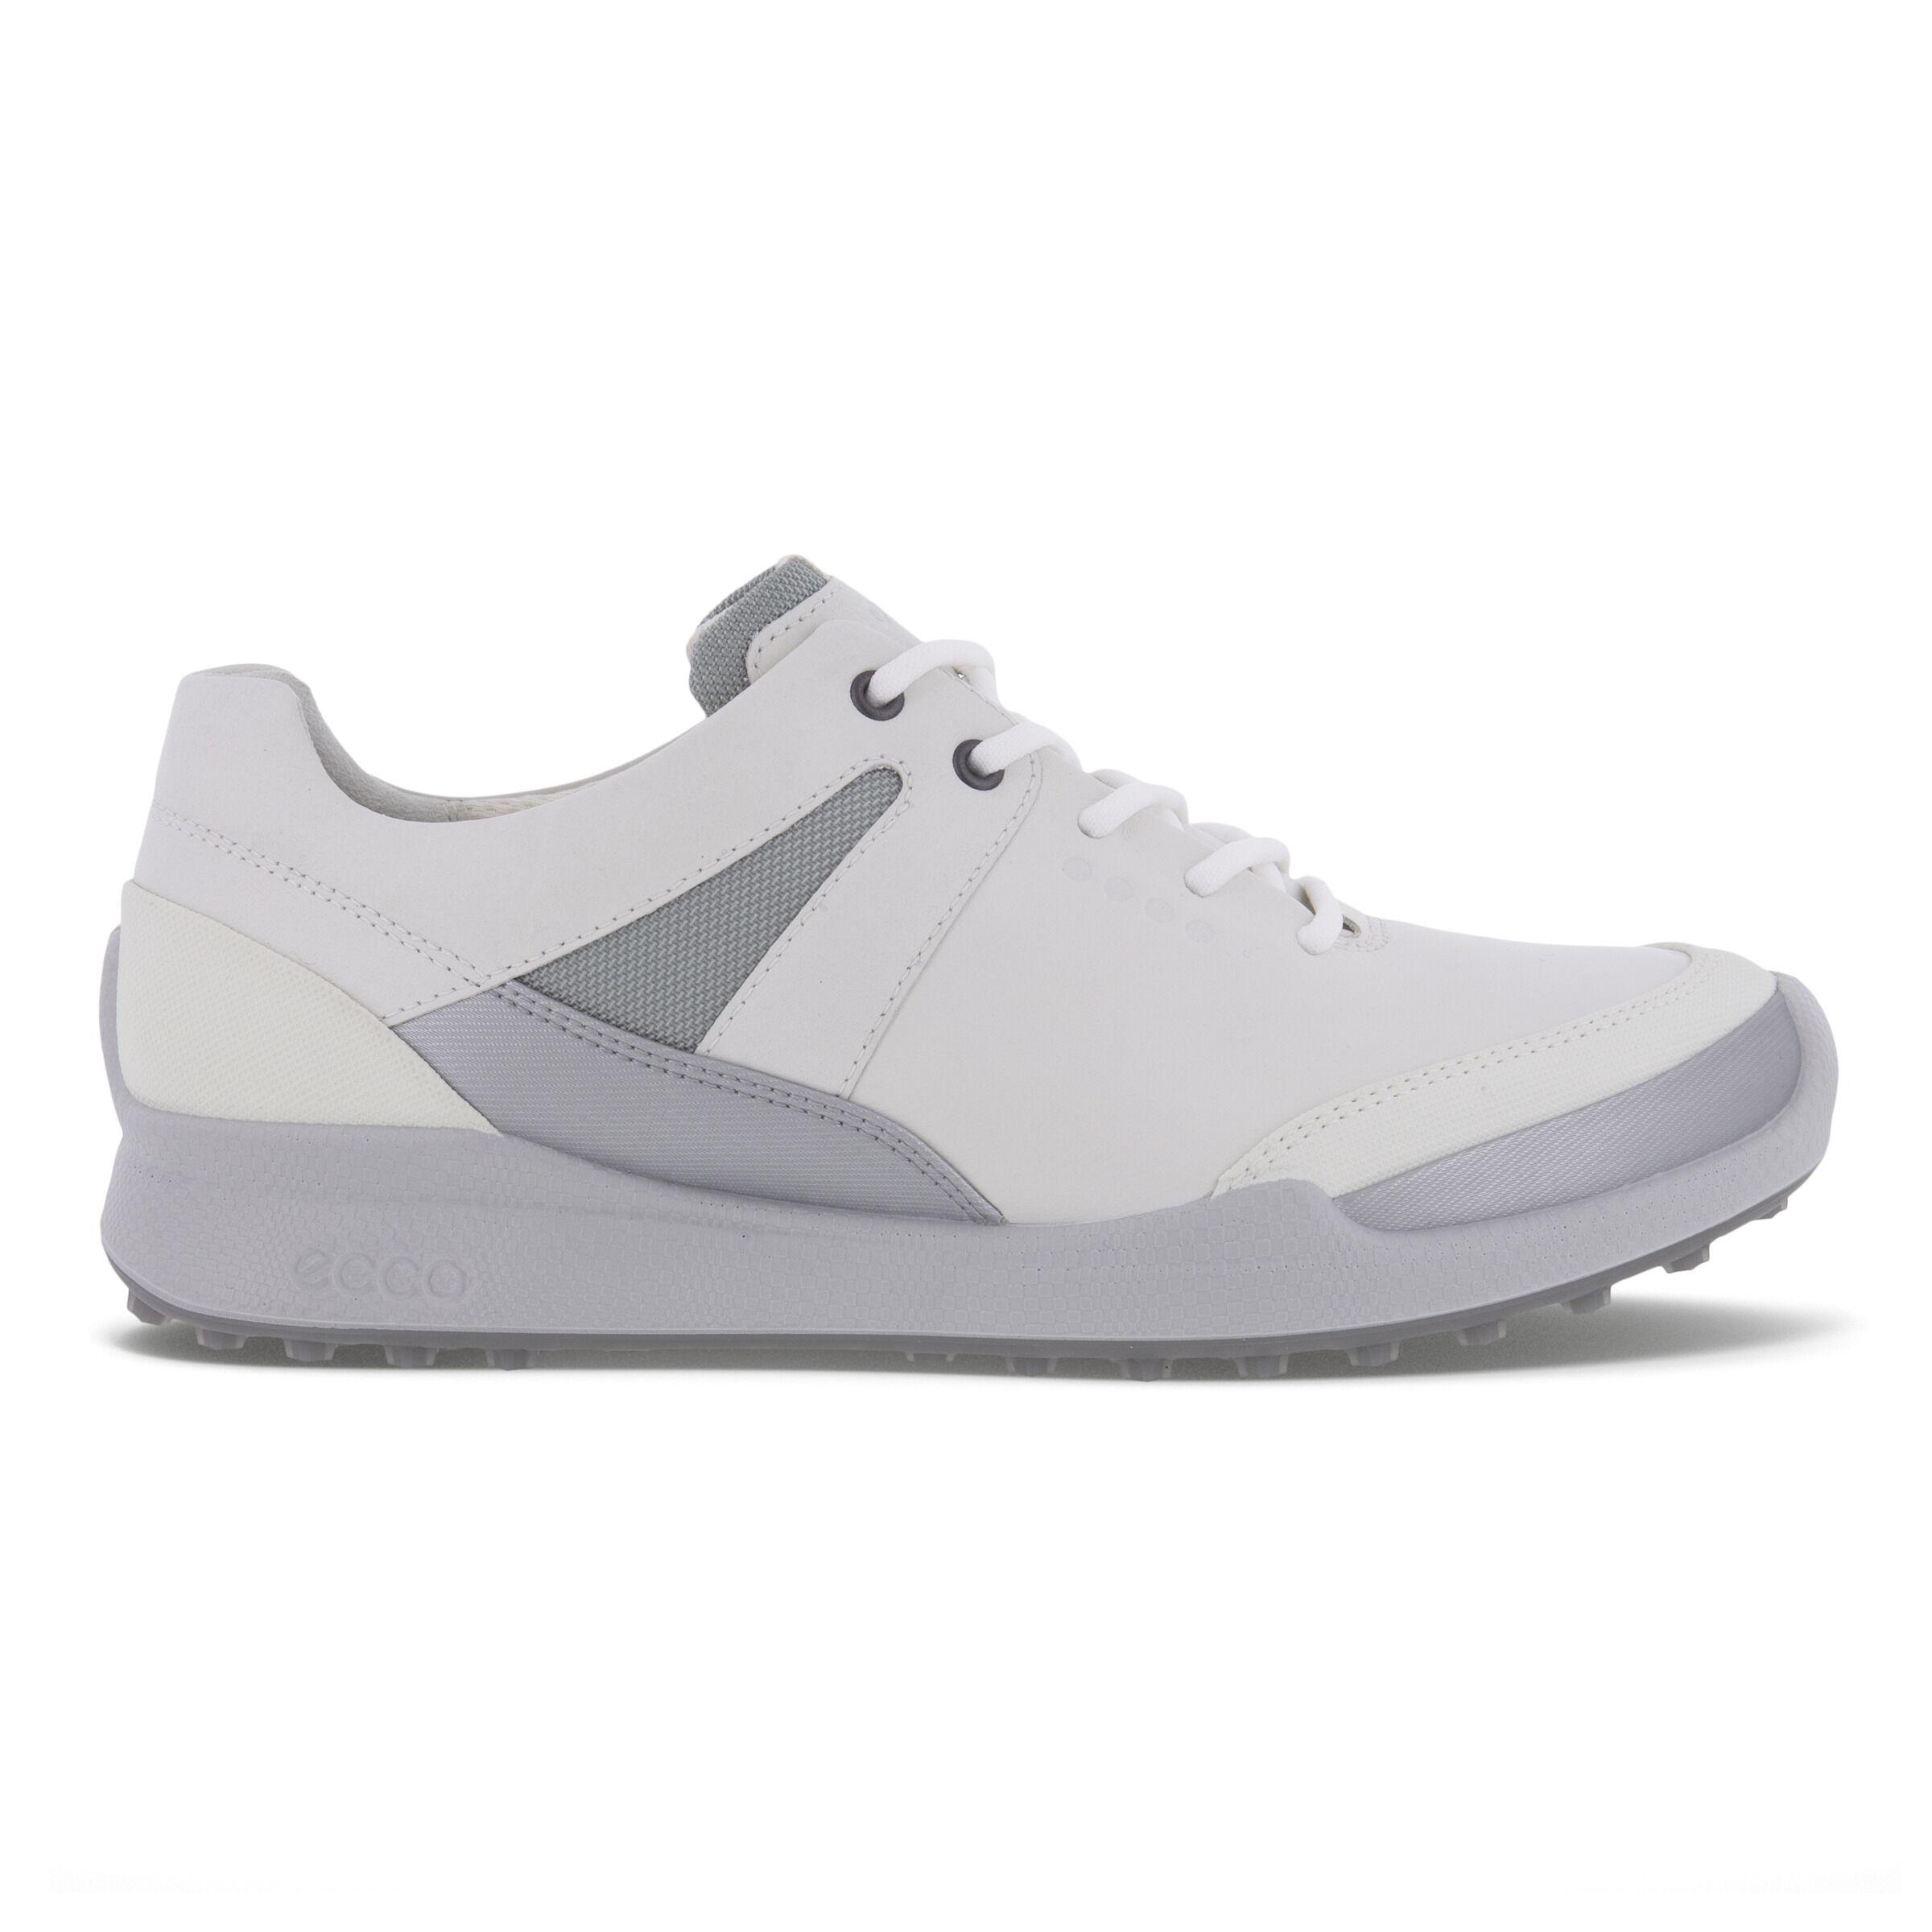 에코 우먼 골프화 ECCO Womens GOLF BIOM HYBRID Shoe,WHITE/SILVER METALLIC/WHITE